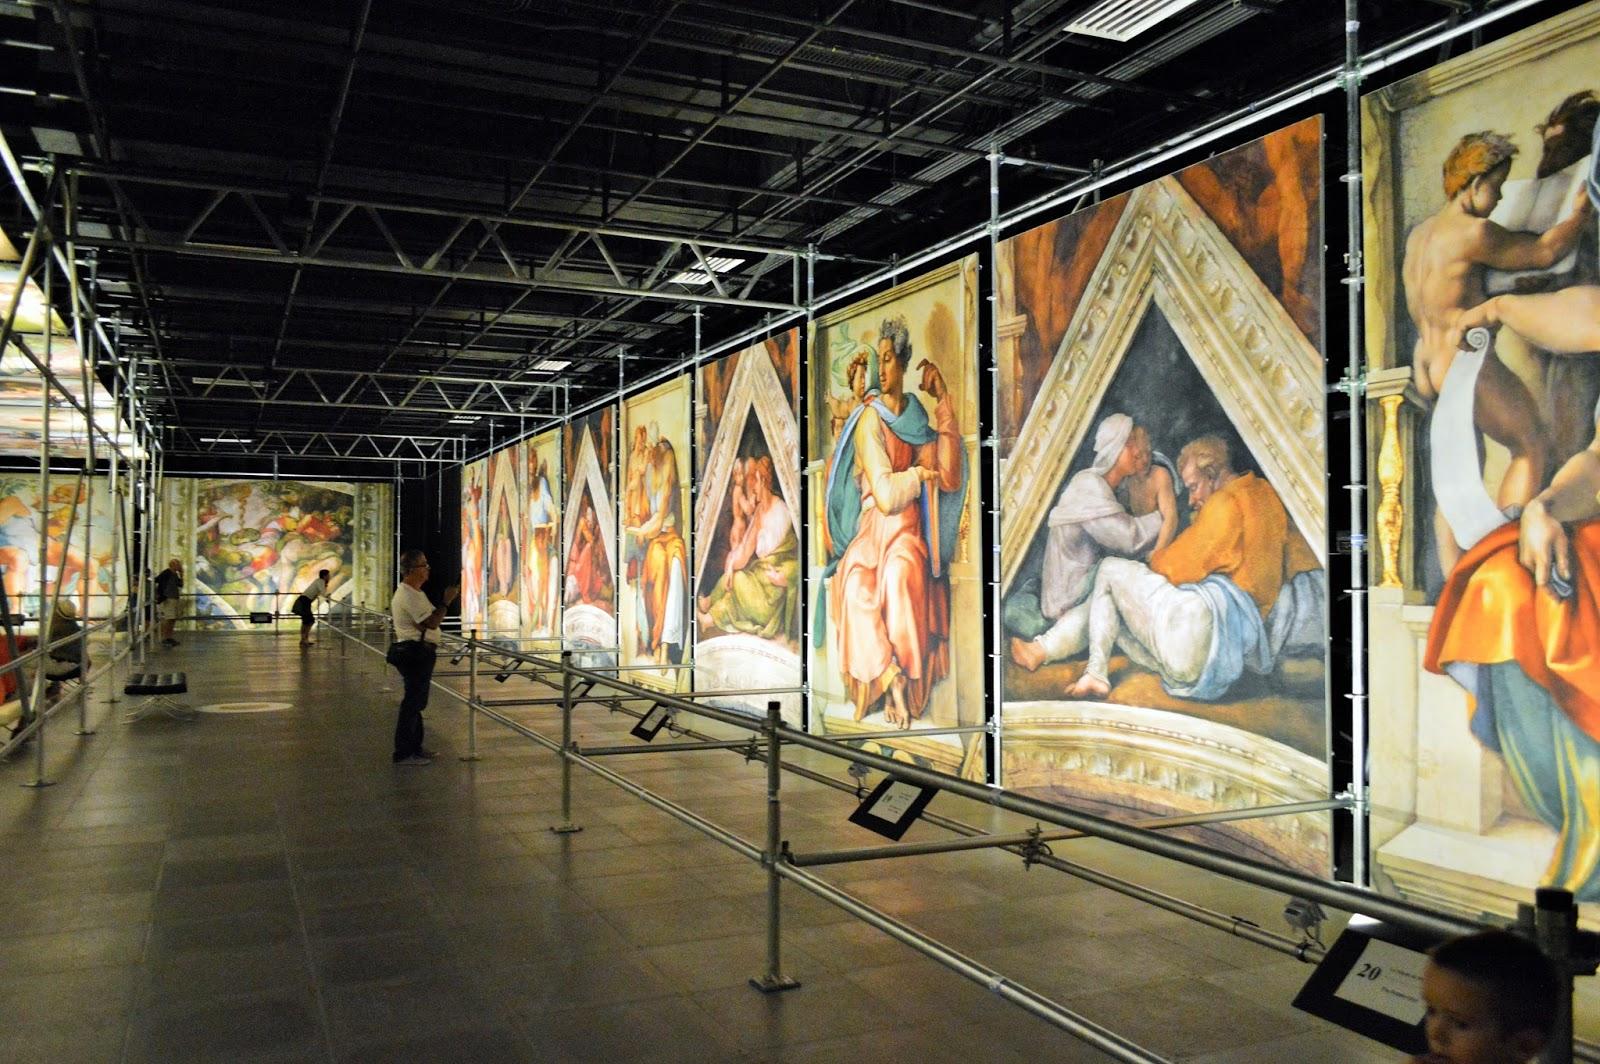 La chapelle sixtine de michel ange l 39 exposition notre - Fresque du plafond de la chapelle sixtine ...